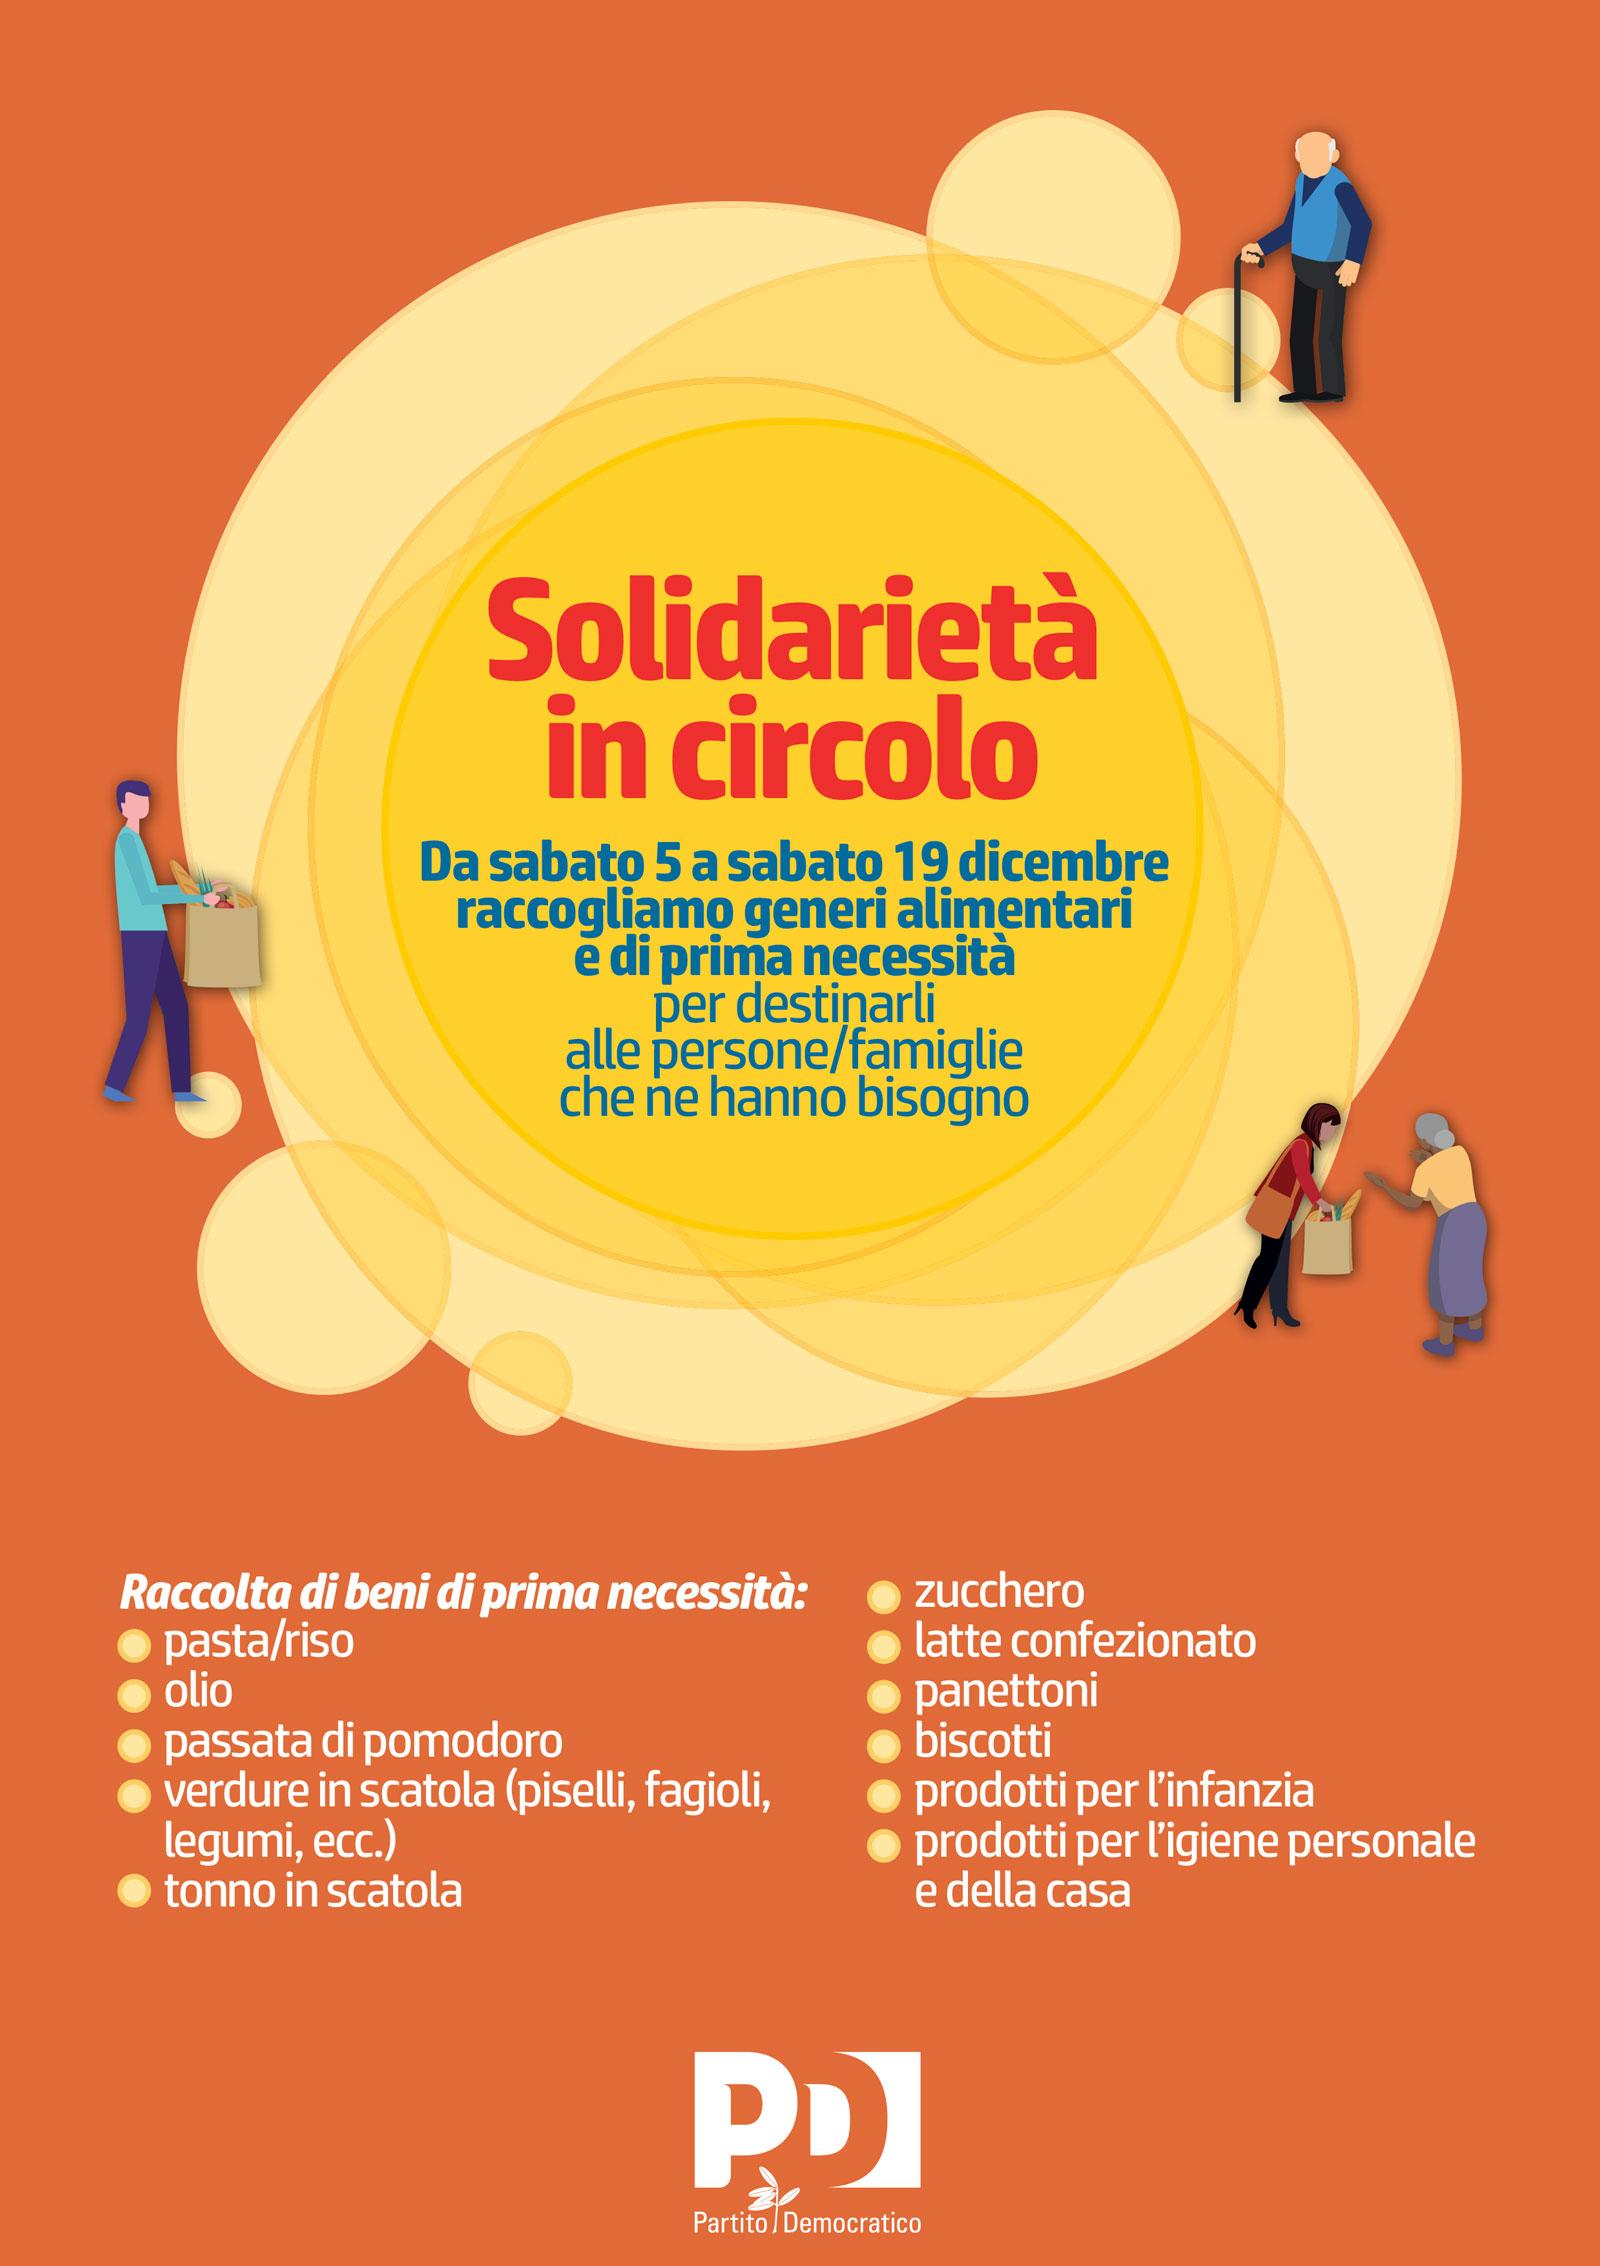 locandina di solidarietà in circolo: iniziativa di beneficenza per natalle